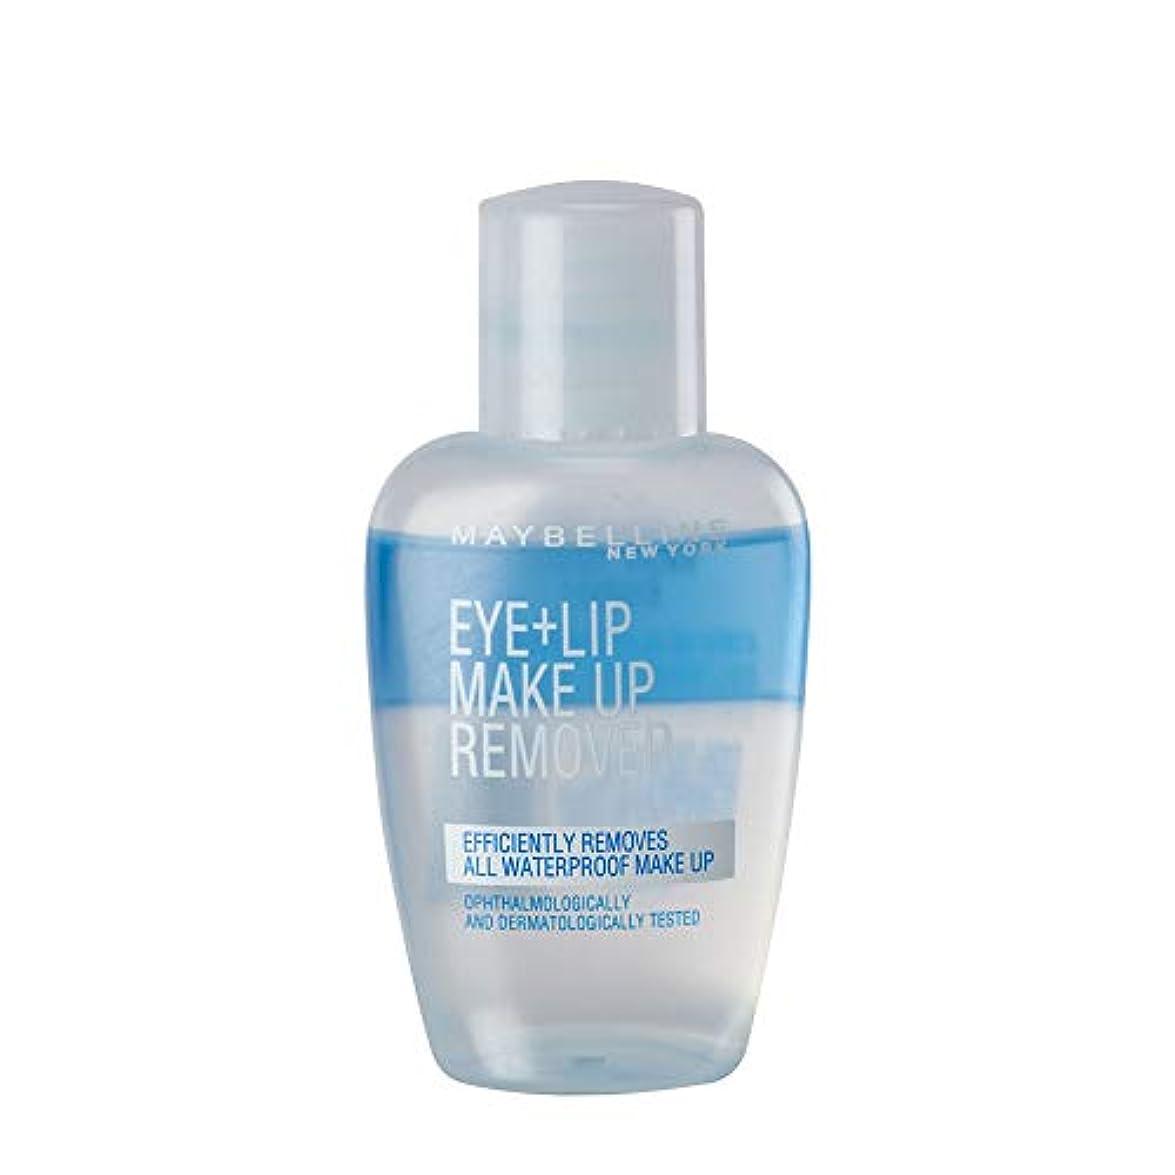 足音確認してください和らげるMaybelline New York Biphase Make-Up Remover, 40ml